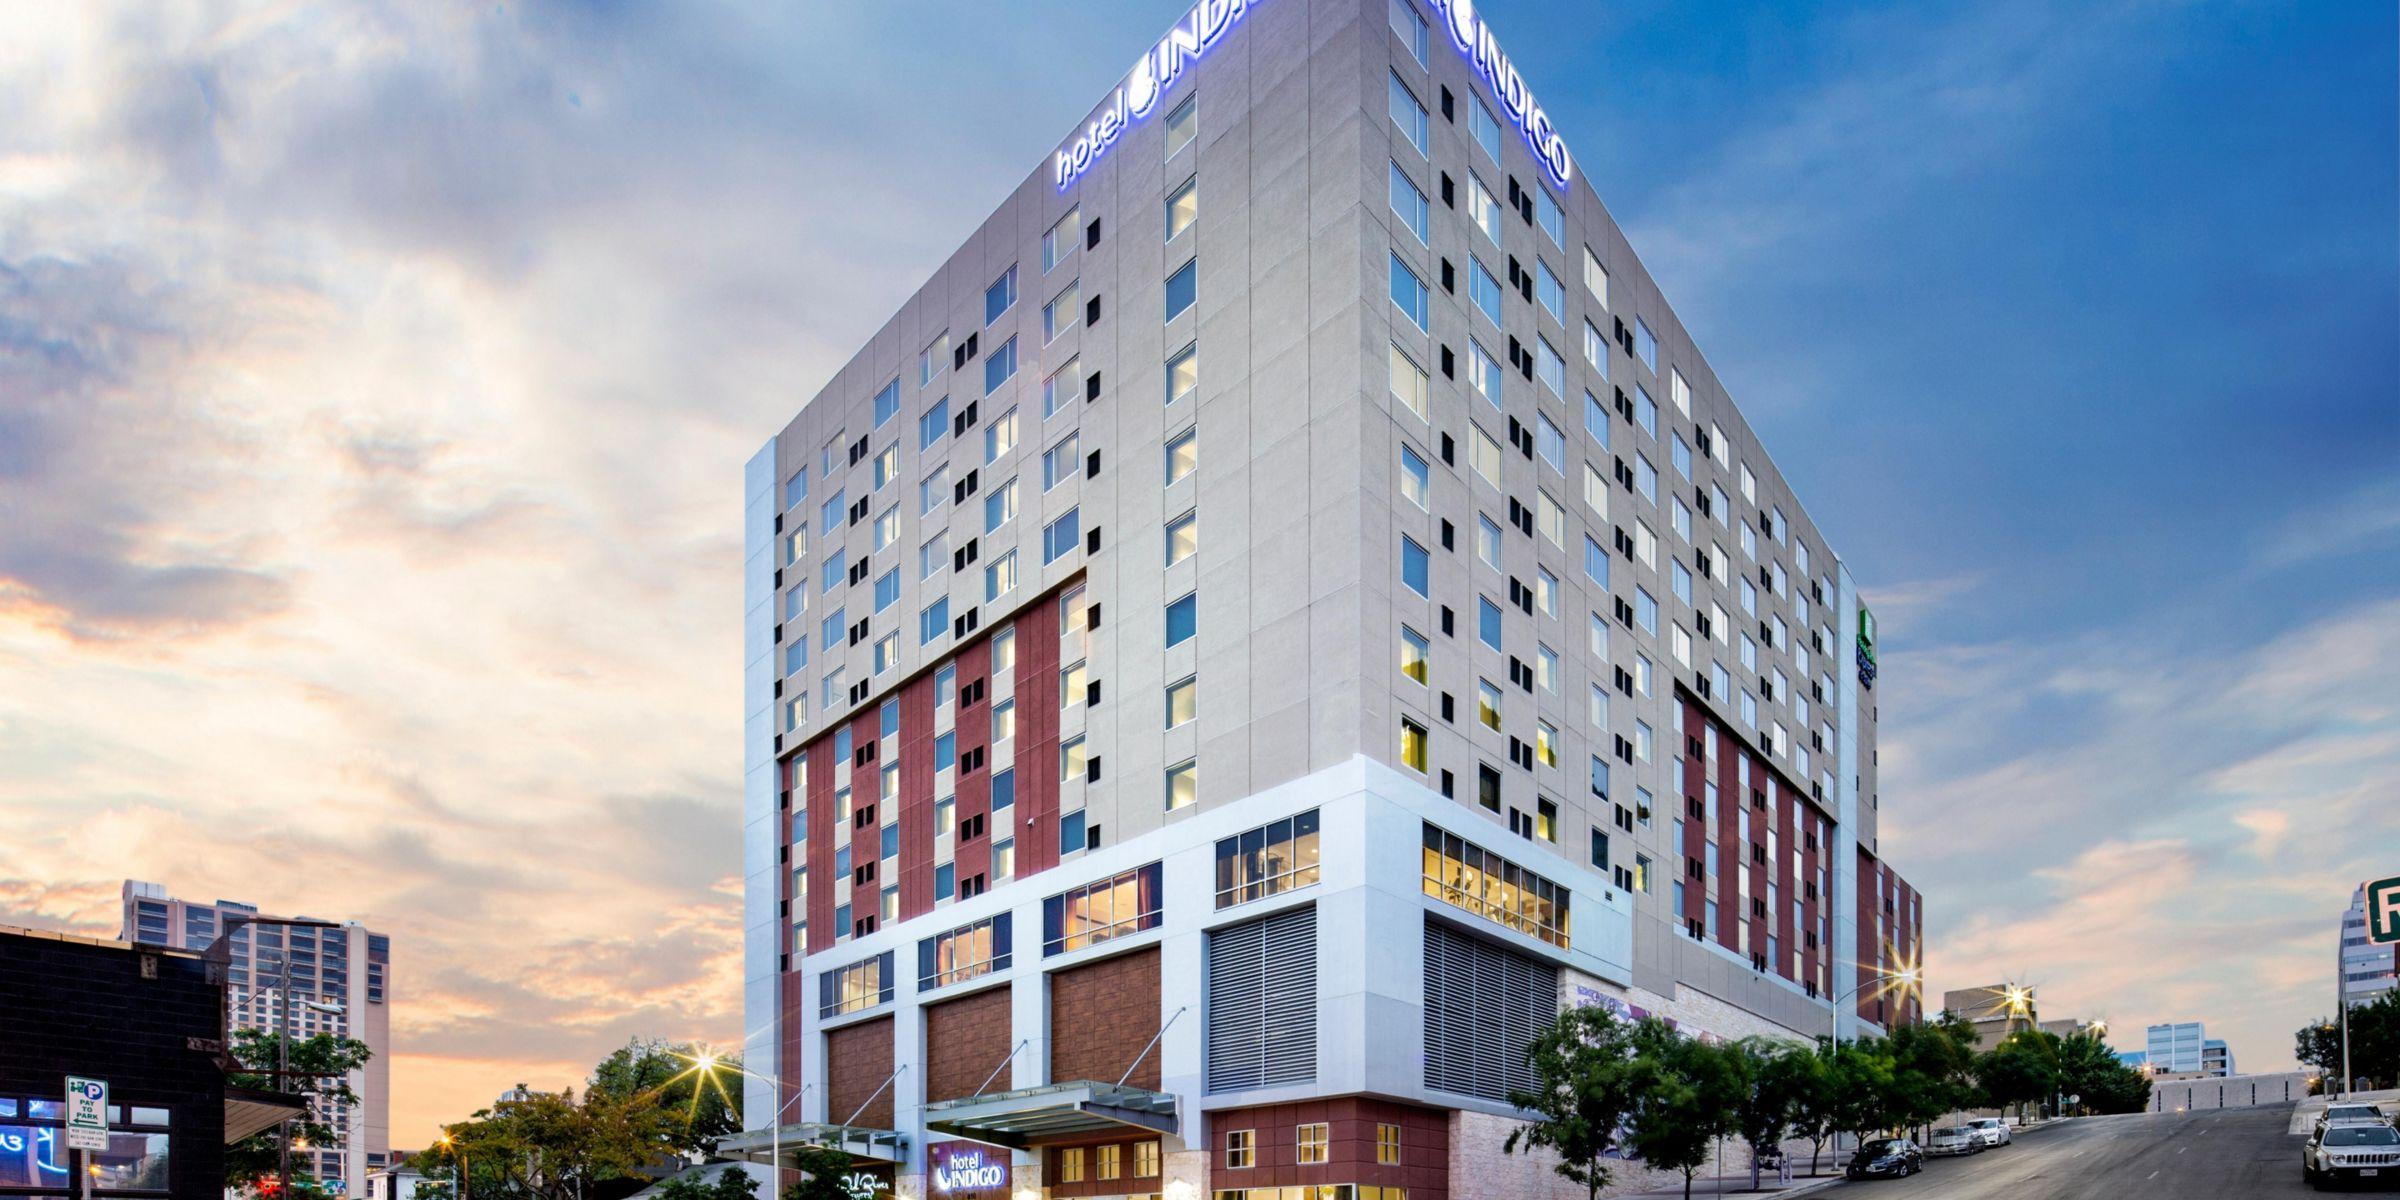 Austin Hotel Exterior